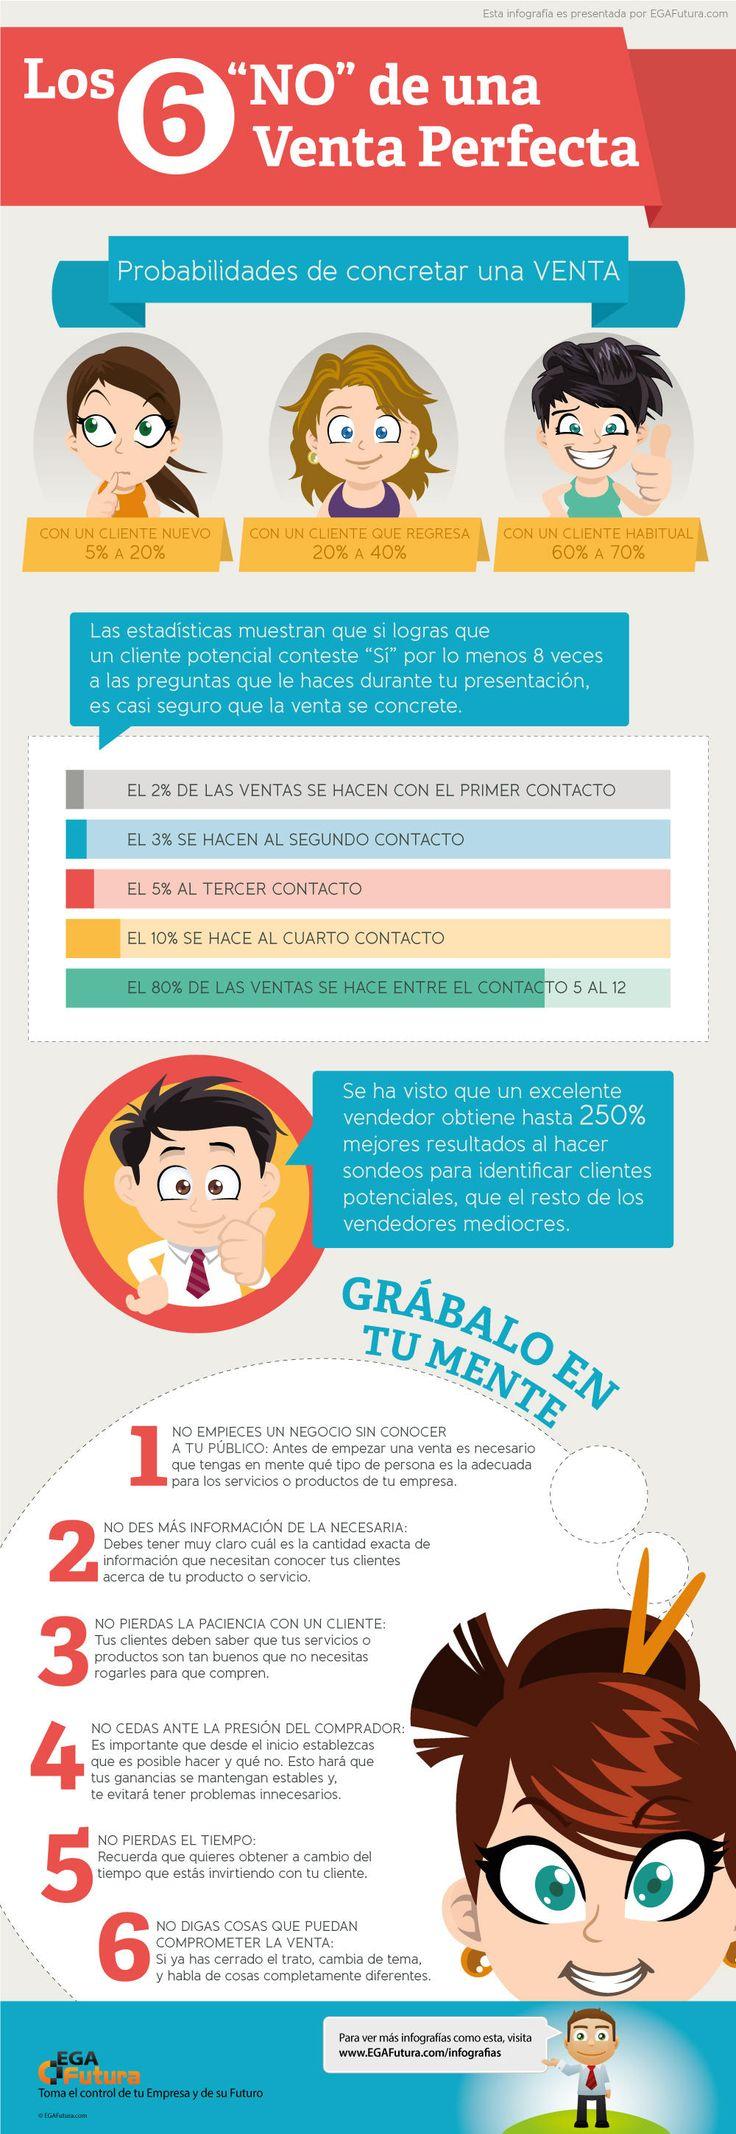 """Los 6 """"NO"""" de una Venta Perfecta. EGA Futura. http://www.egafutura.com/negocios/una-venta-perfecta"""